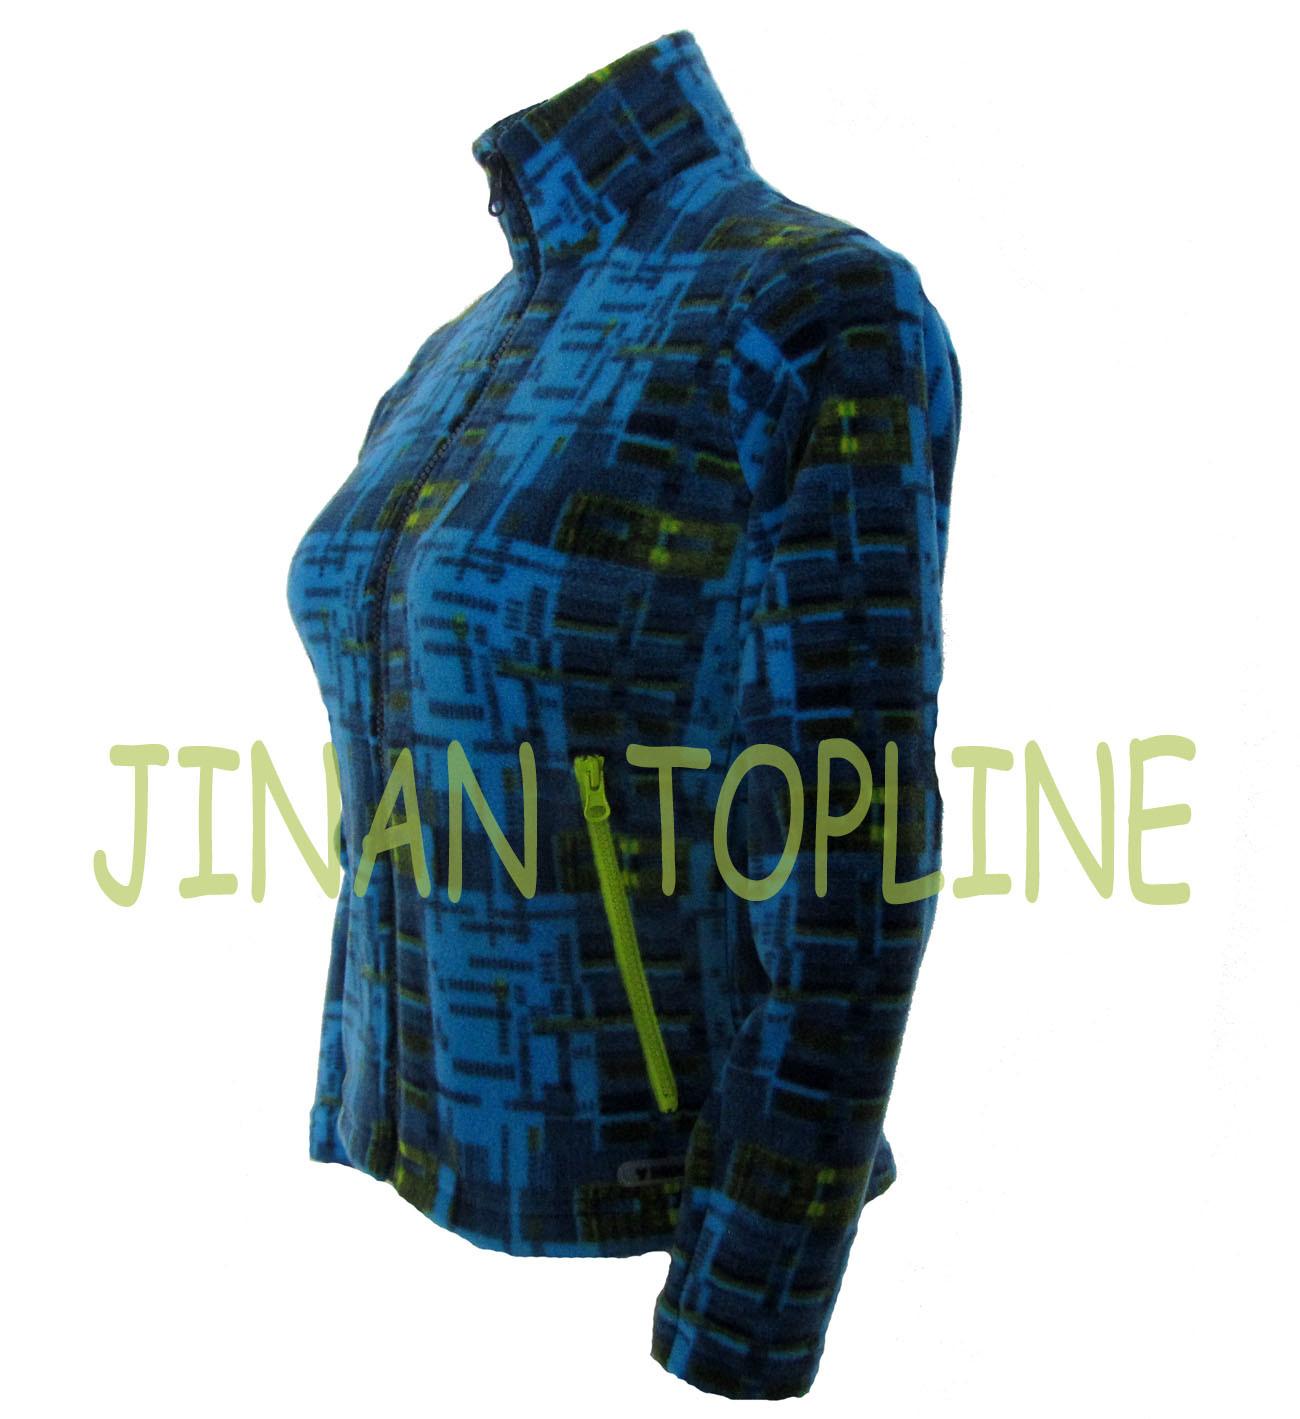 Long Sleeve Printed Microfleece Jacket